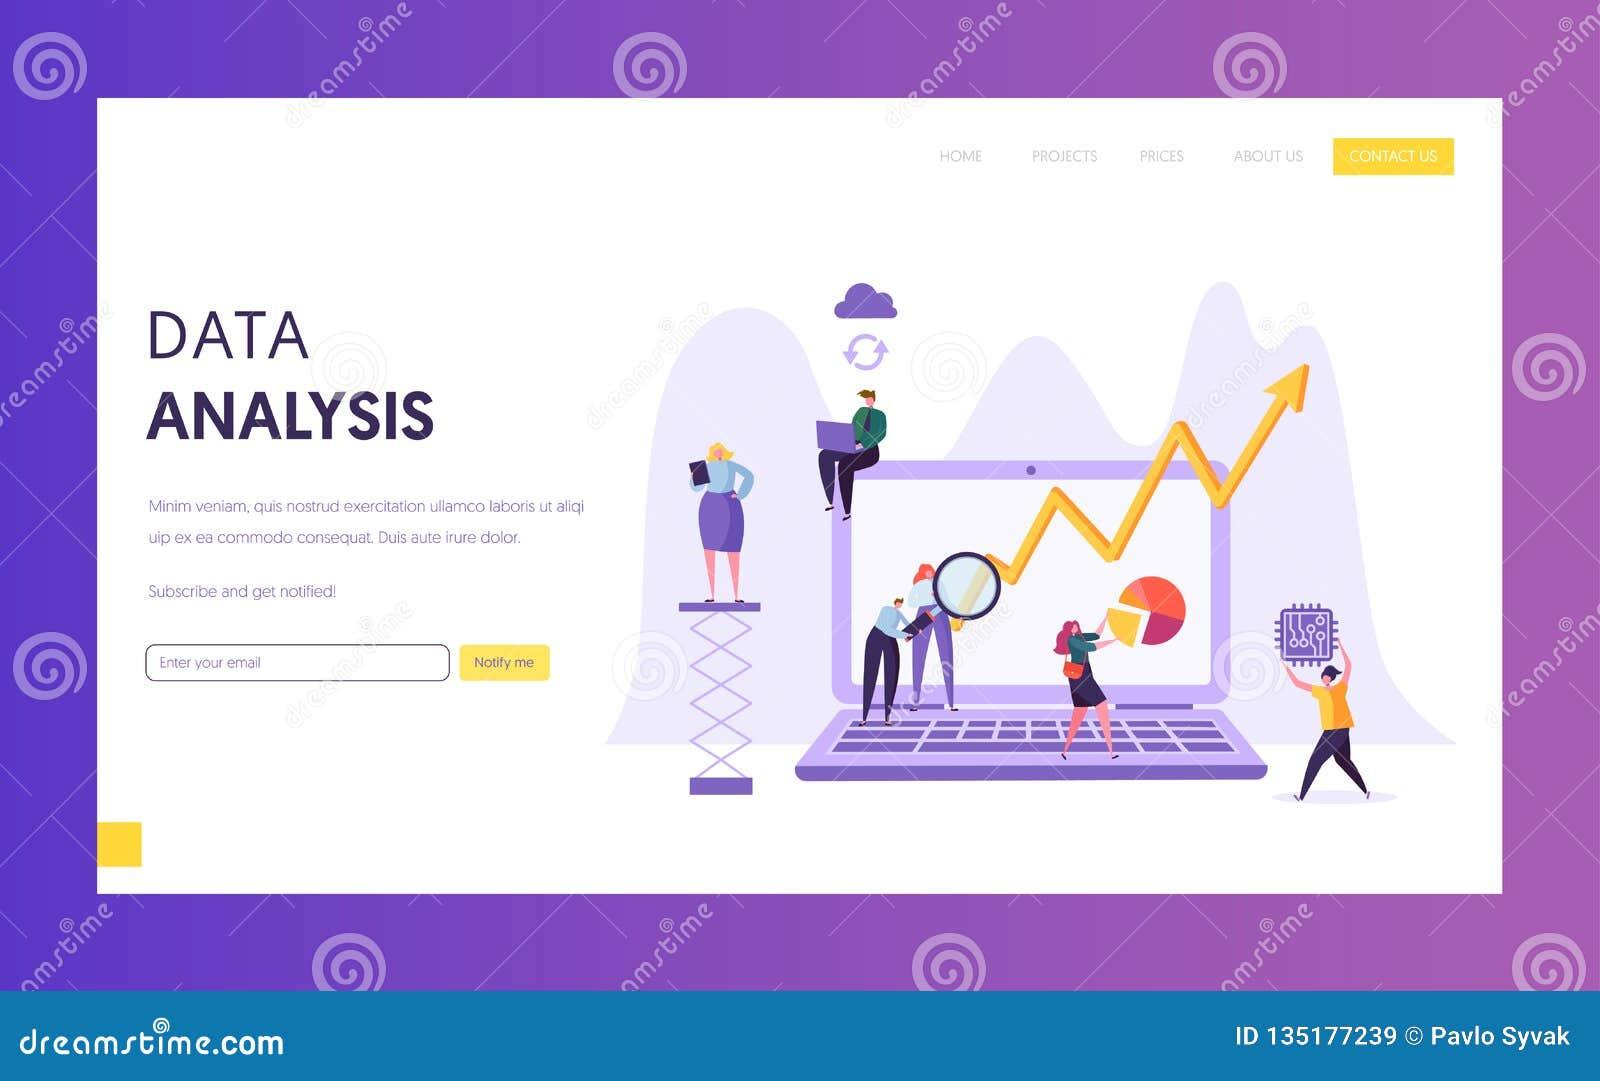 Ερευνητική προσγειωμένος σελίδα ανάλυσης επιχειρησιακών στοιχείων Ανάπτυξη εμπορικής στρατηγικής με το χαρακτήρα ανθρώπων που ανα